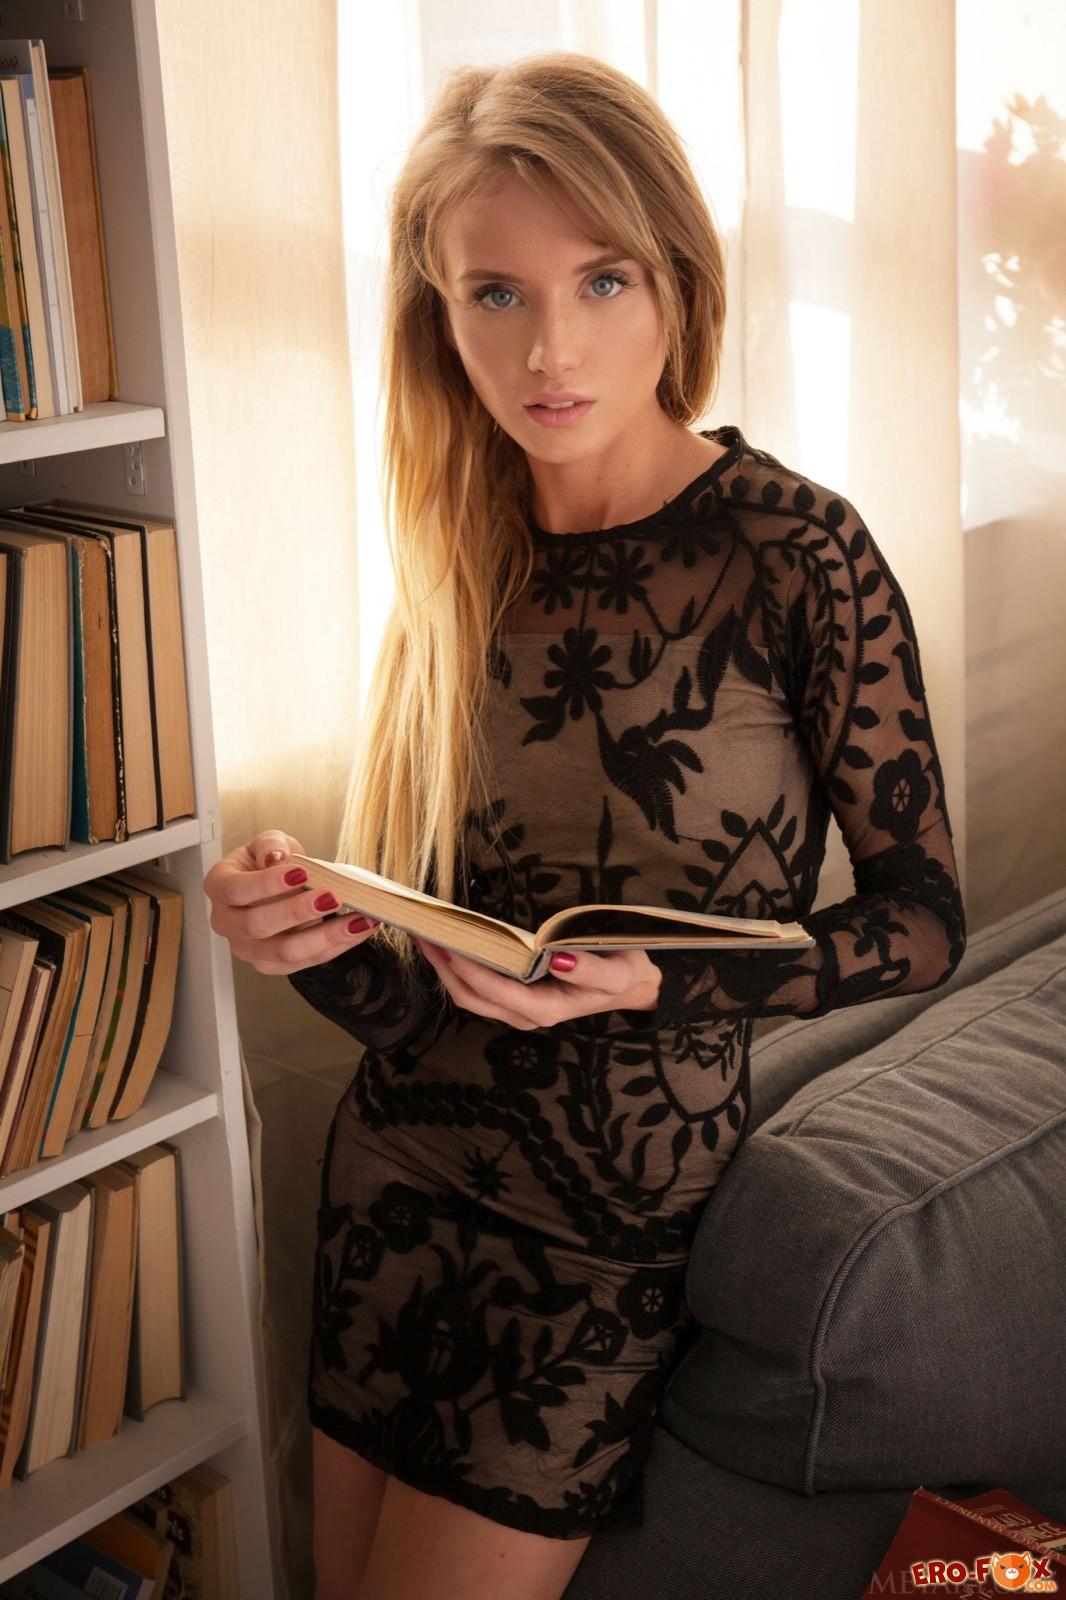 Блондинка сняв обтягивающее платье позирует голой